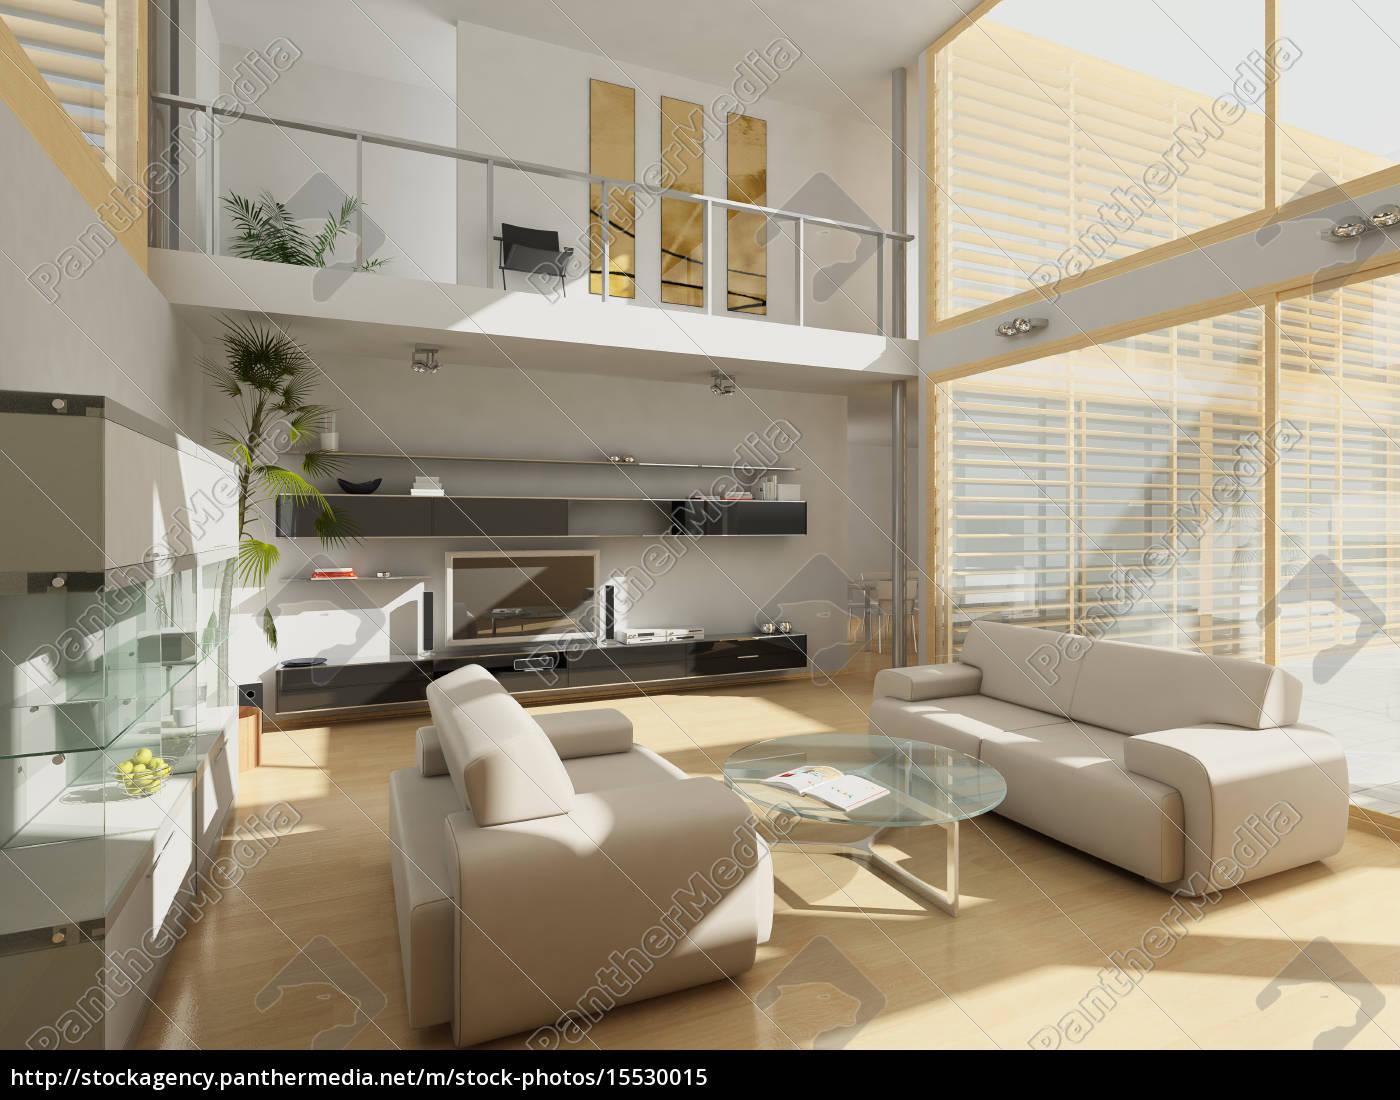 Lizenzfreies Bild 15530015 - modernes wohnzimmer mit großen fenstern